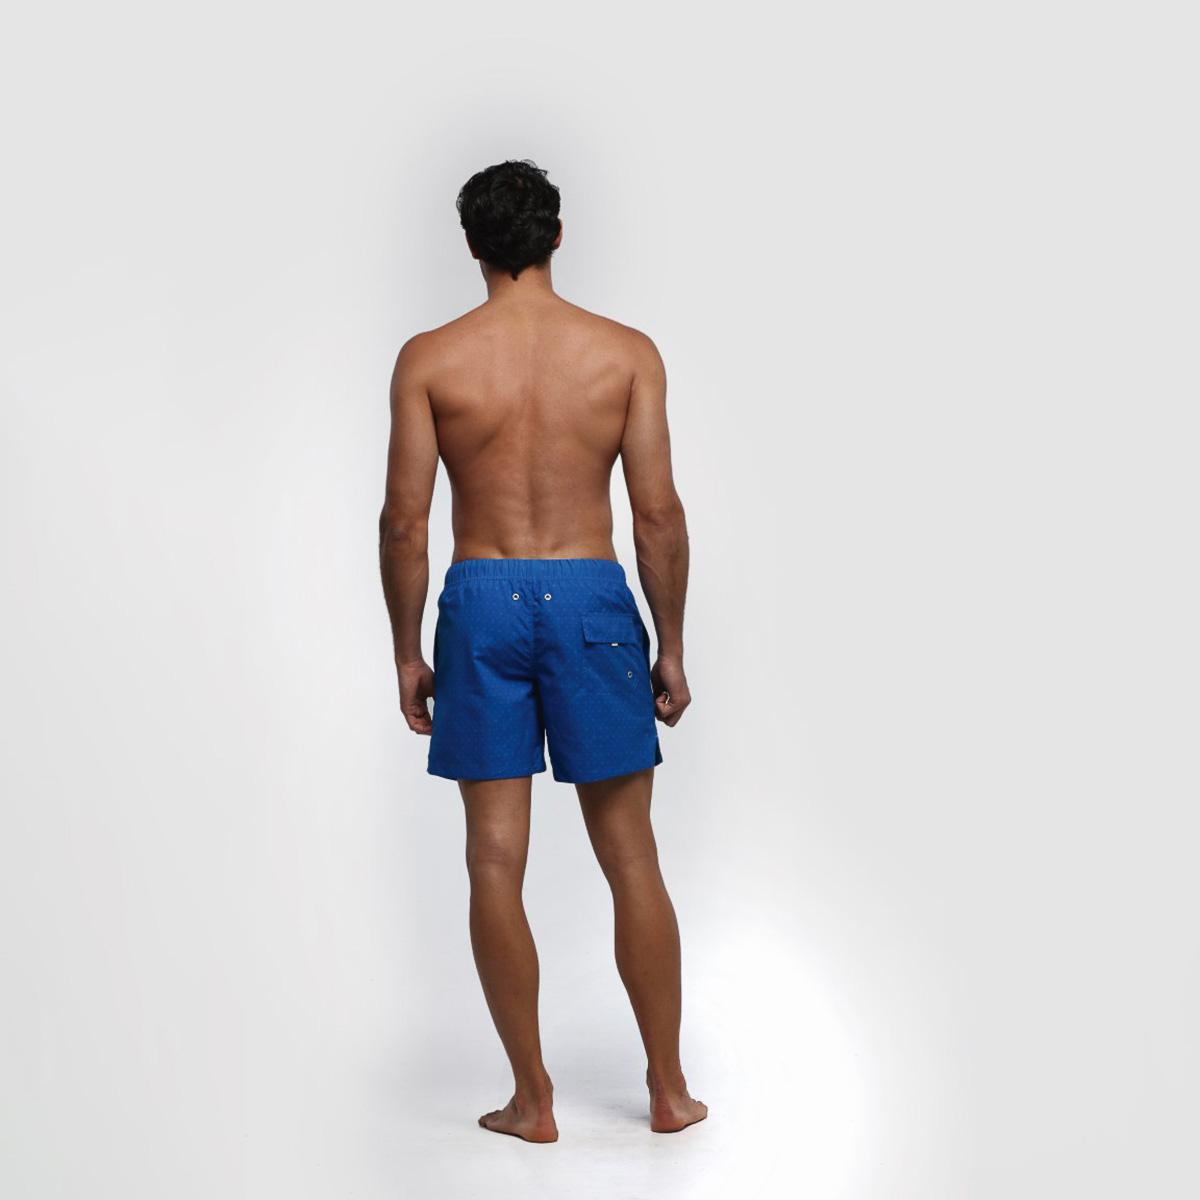 Bañador corto hombre - azul